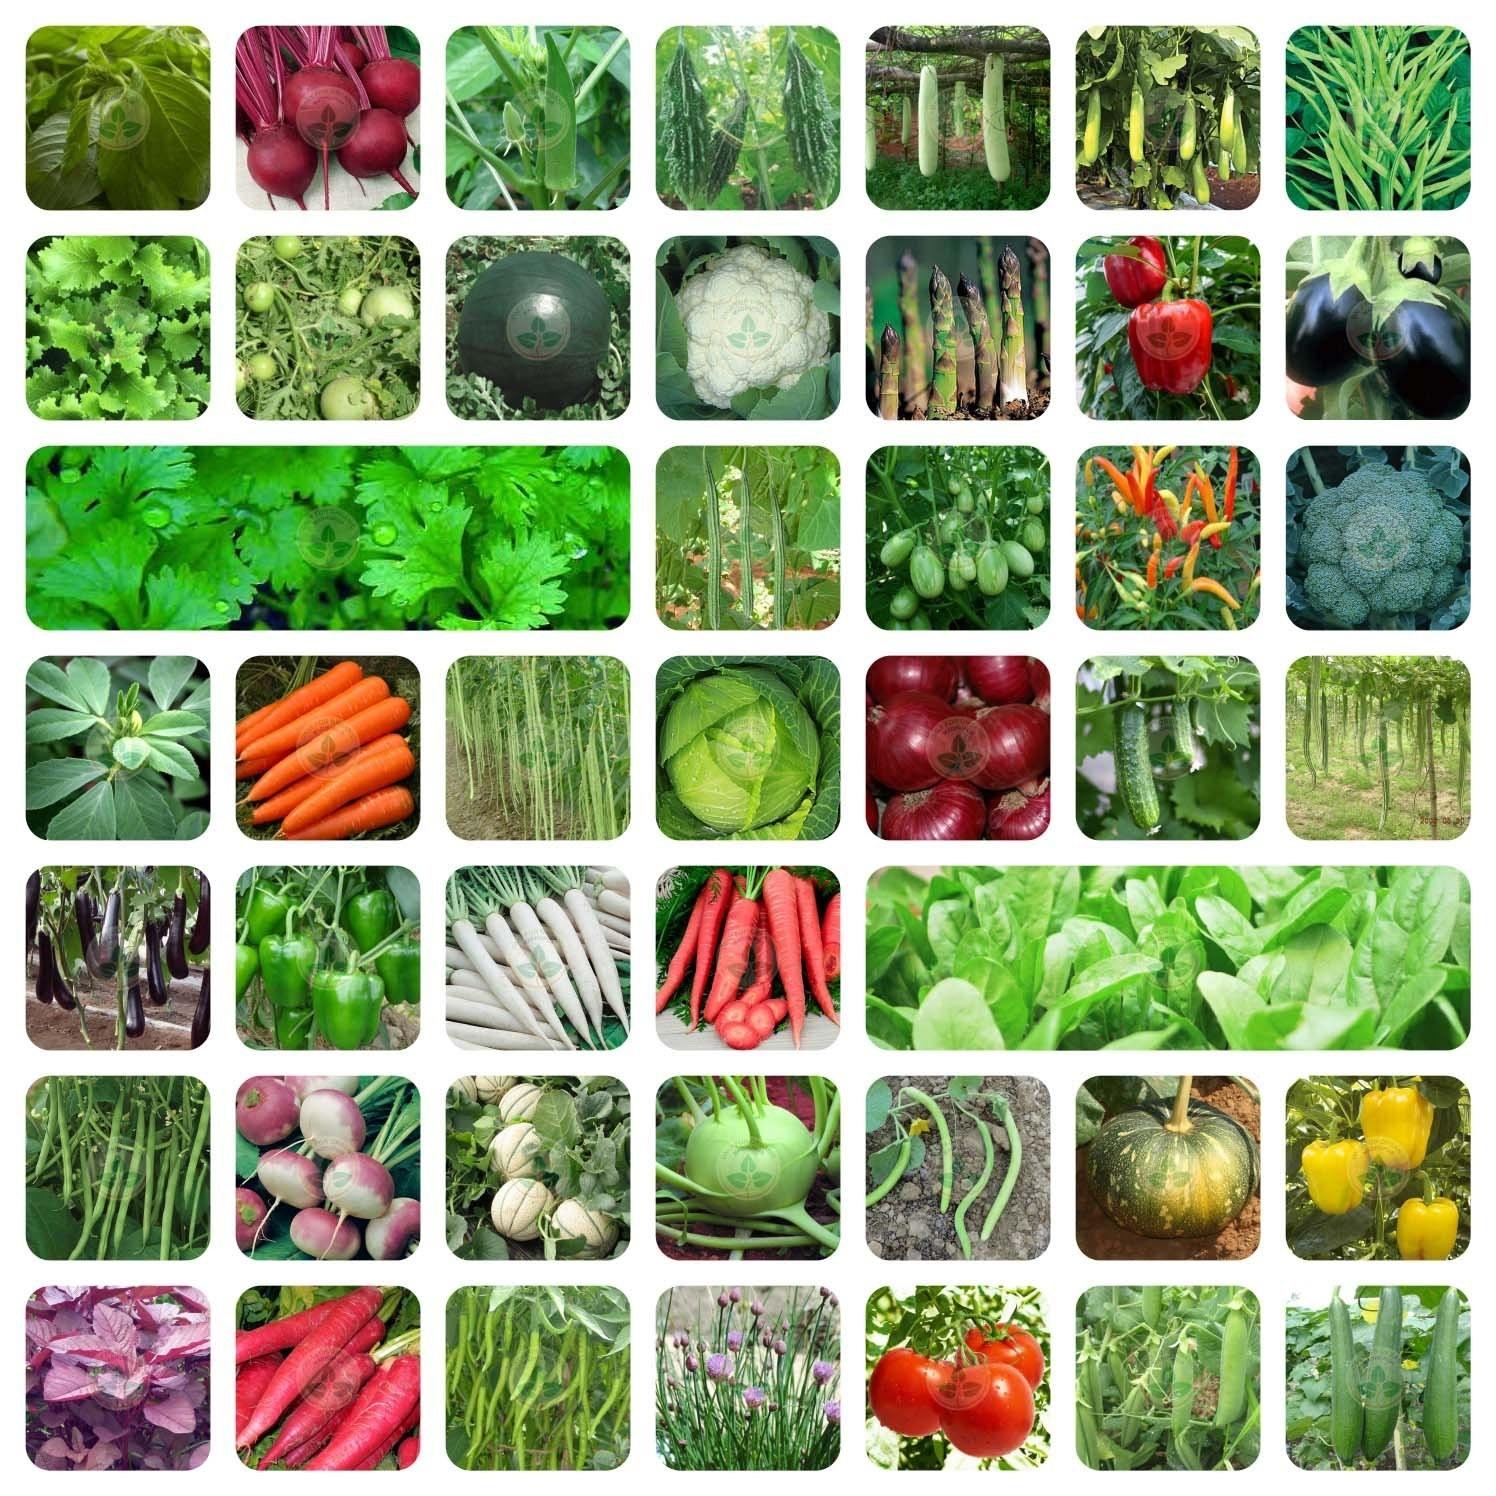 Vegetable growing kit